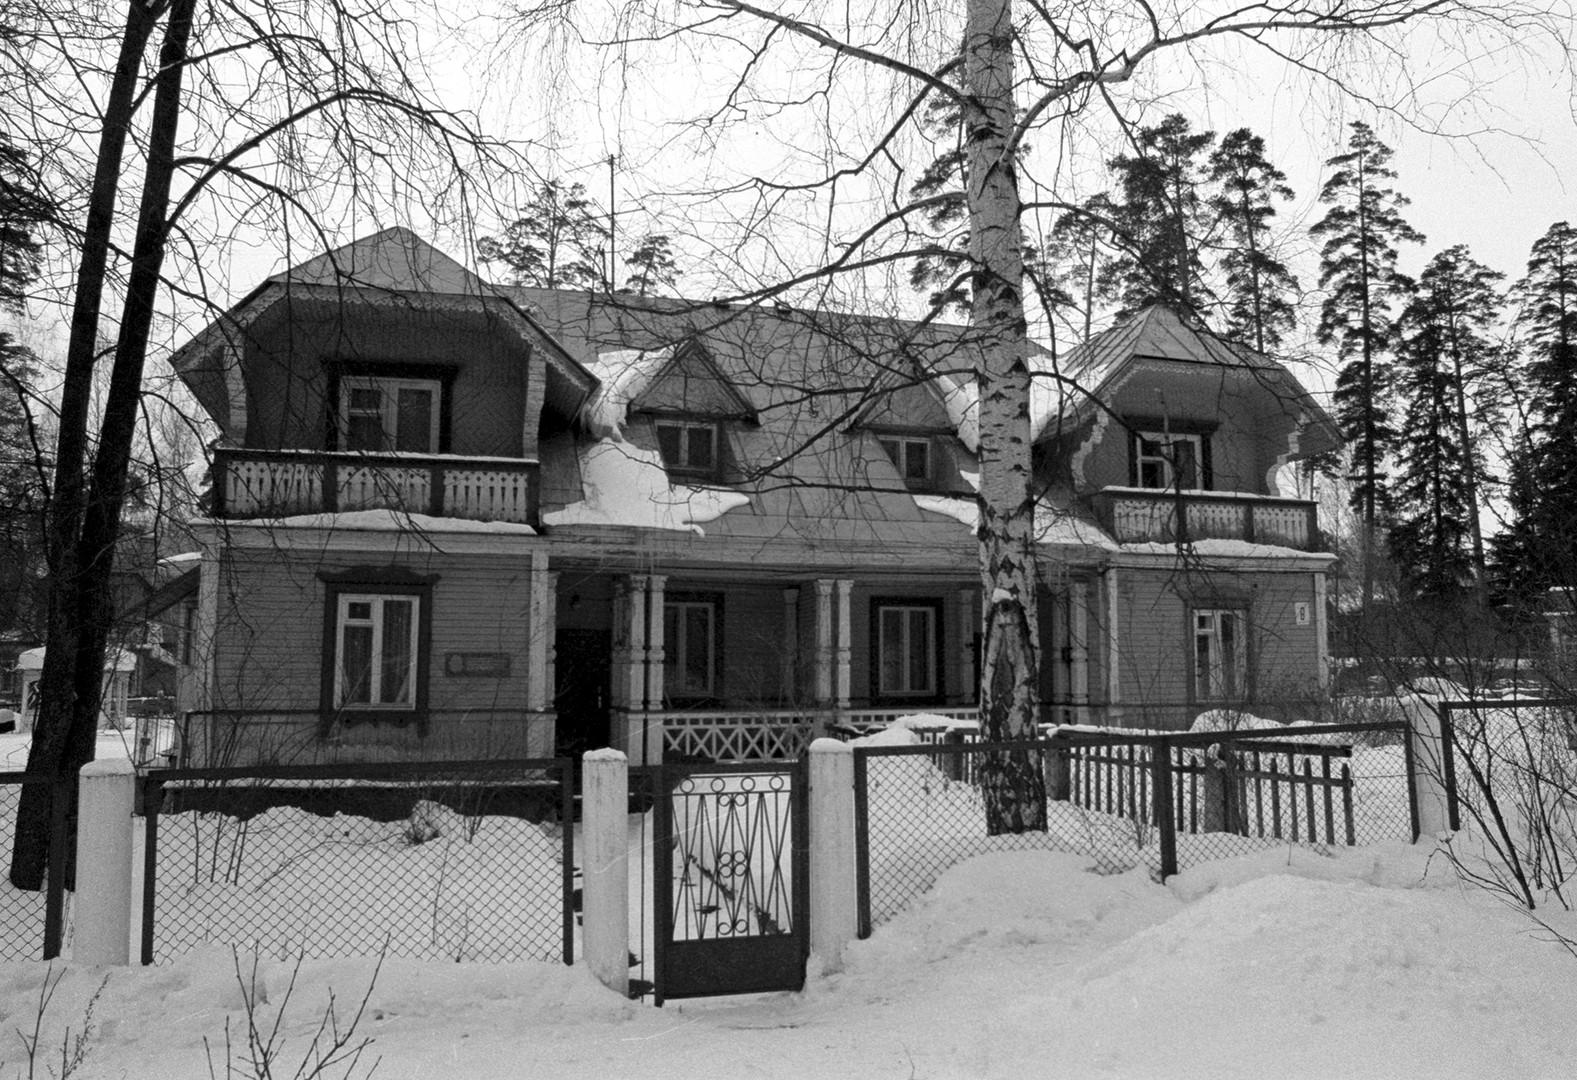 ソ連の物理学者で「水爆の父」アンドレイ・サハロフの家